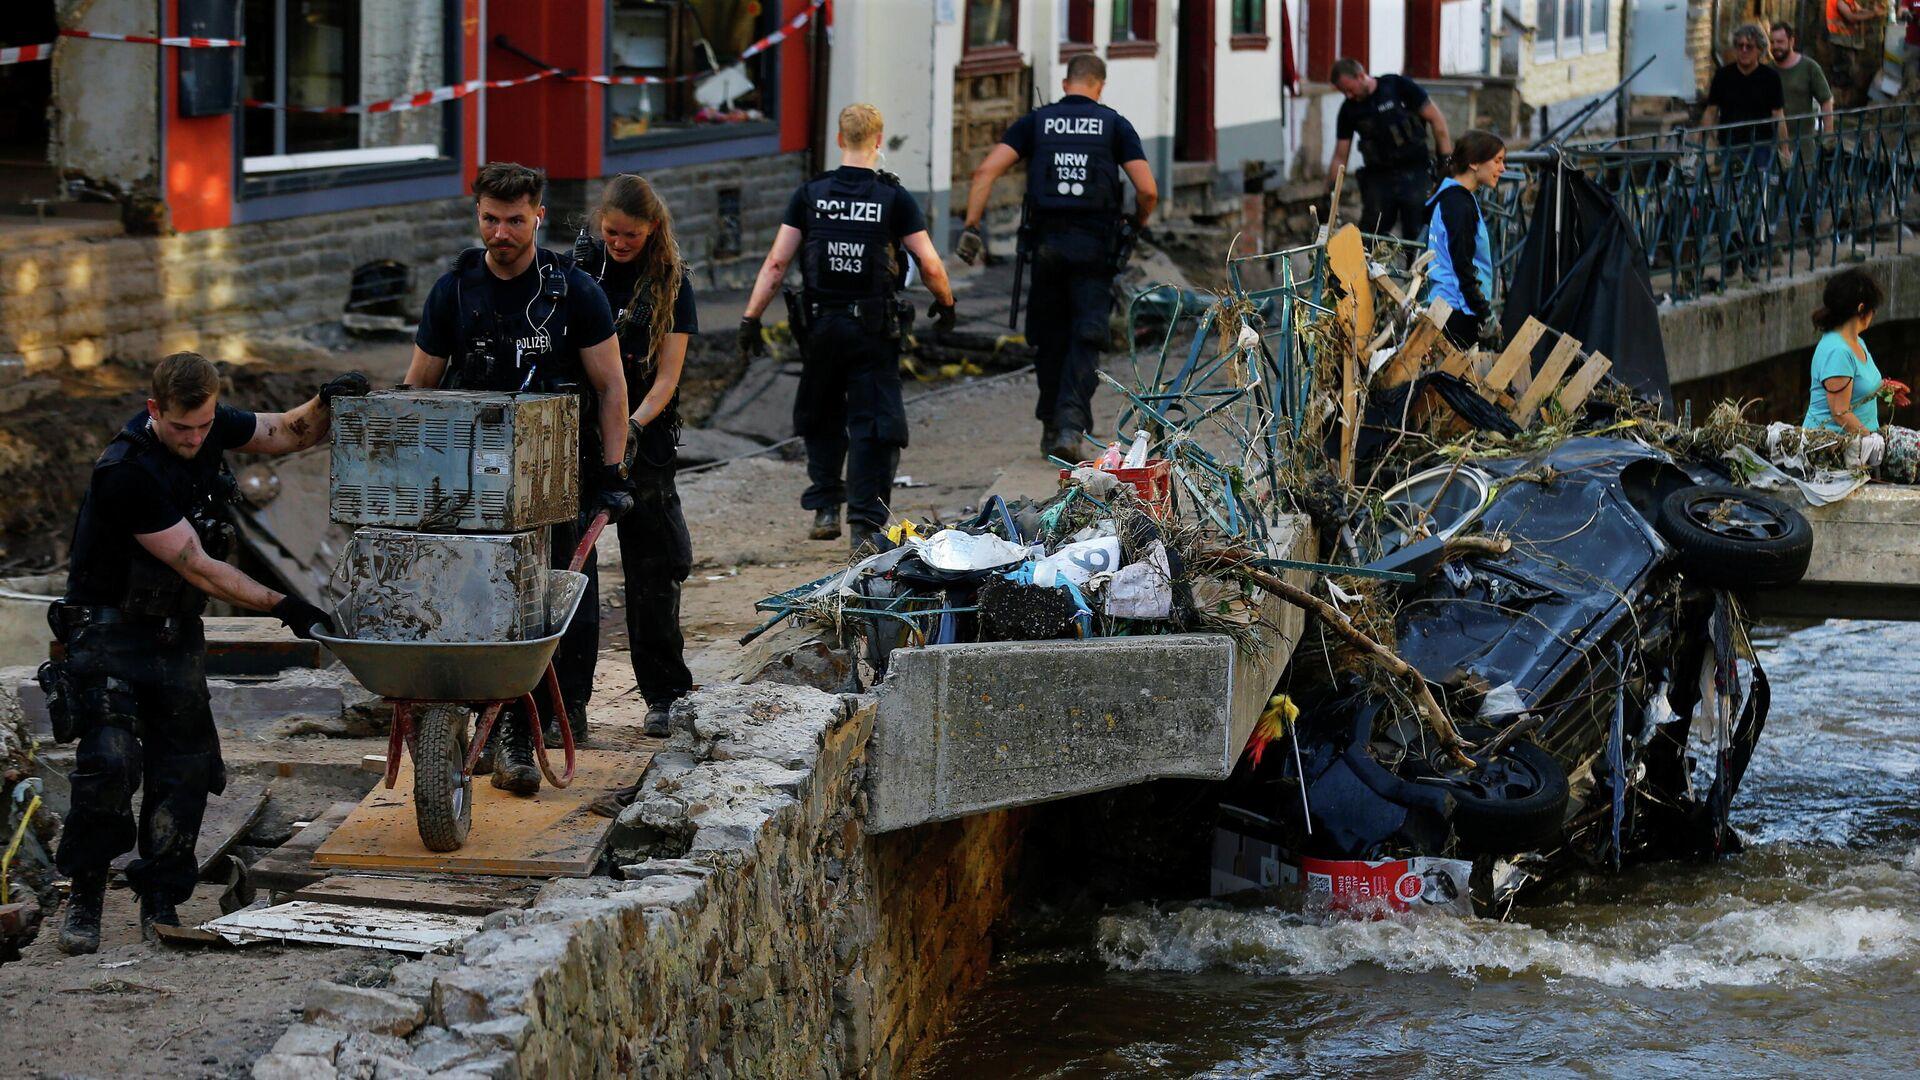 Полицейские и волонтеры убирают завалы в районе, пострадавшем от наводнения в Бад-Мюнстерайфеле, Германия - РИА Новости, 1920, 19.07.2021